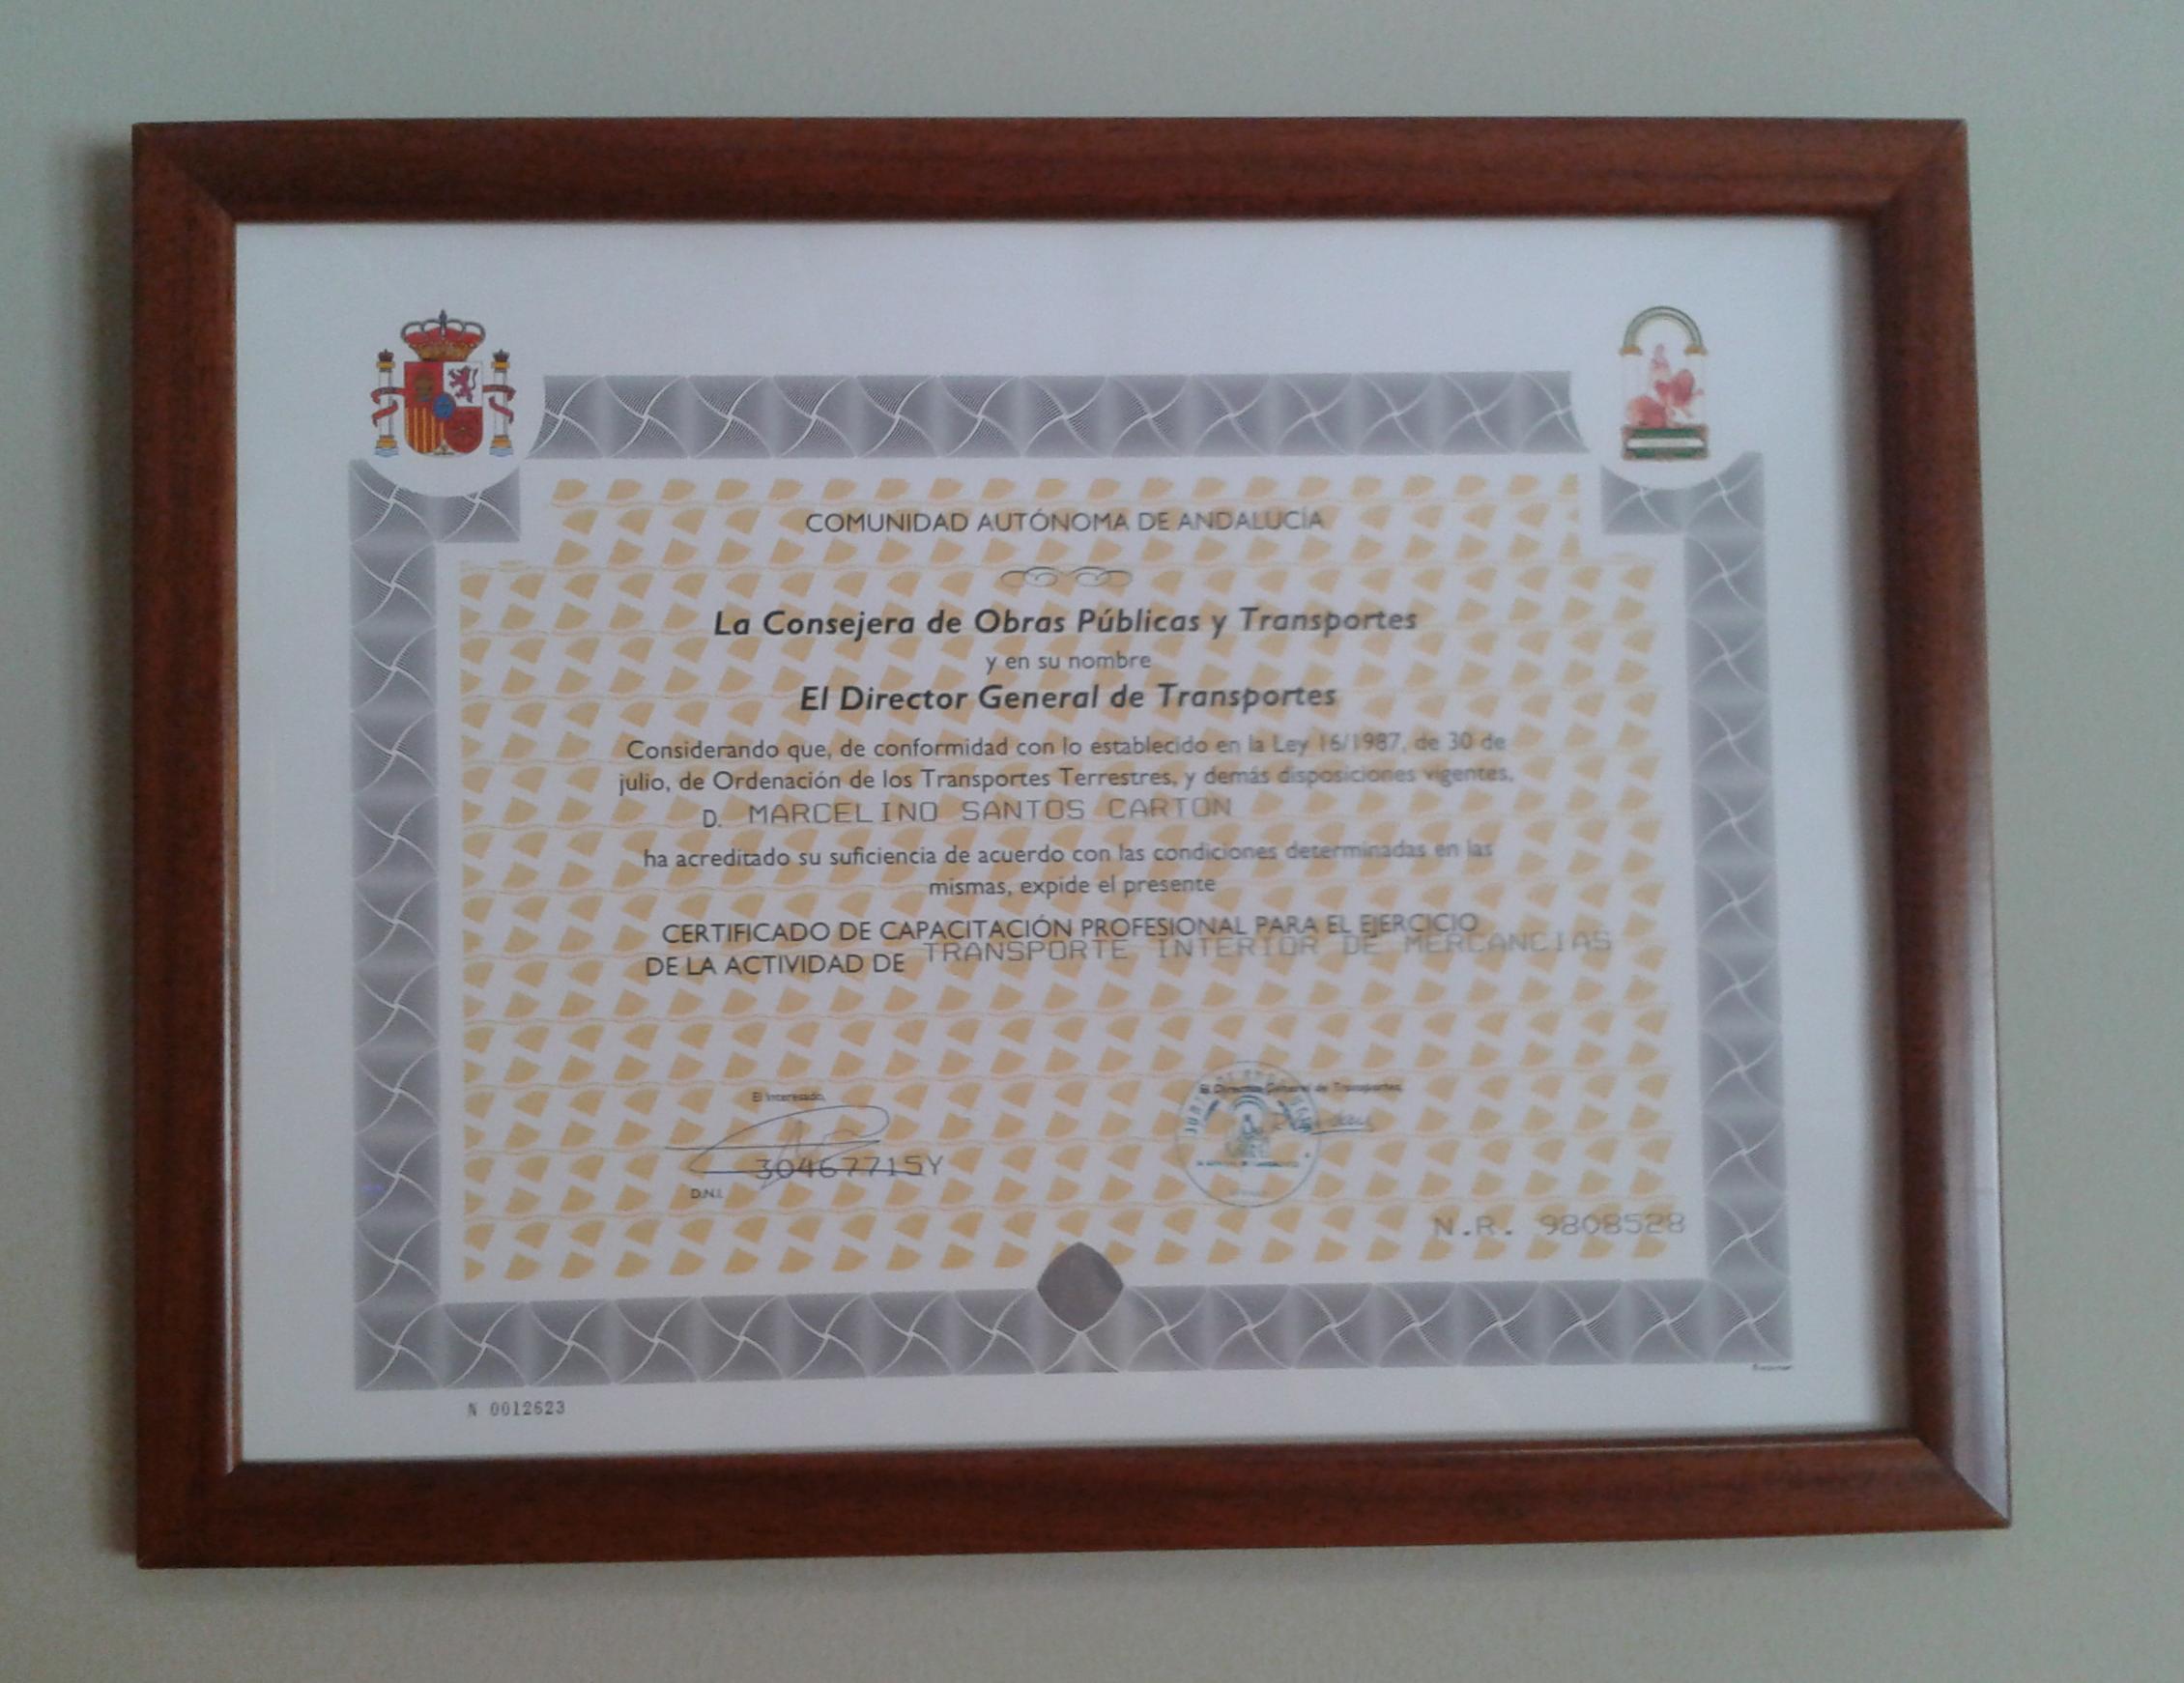 Certificado de capacitación profesional para el ejercicio de la actividad de transporte interior de mercancias